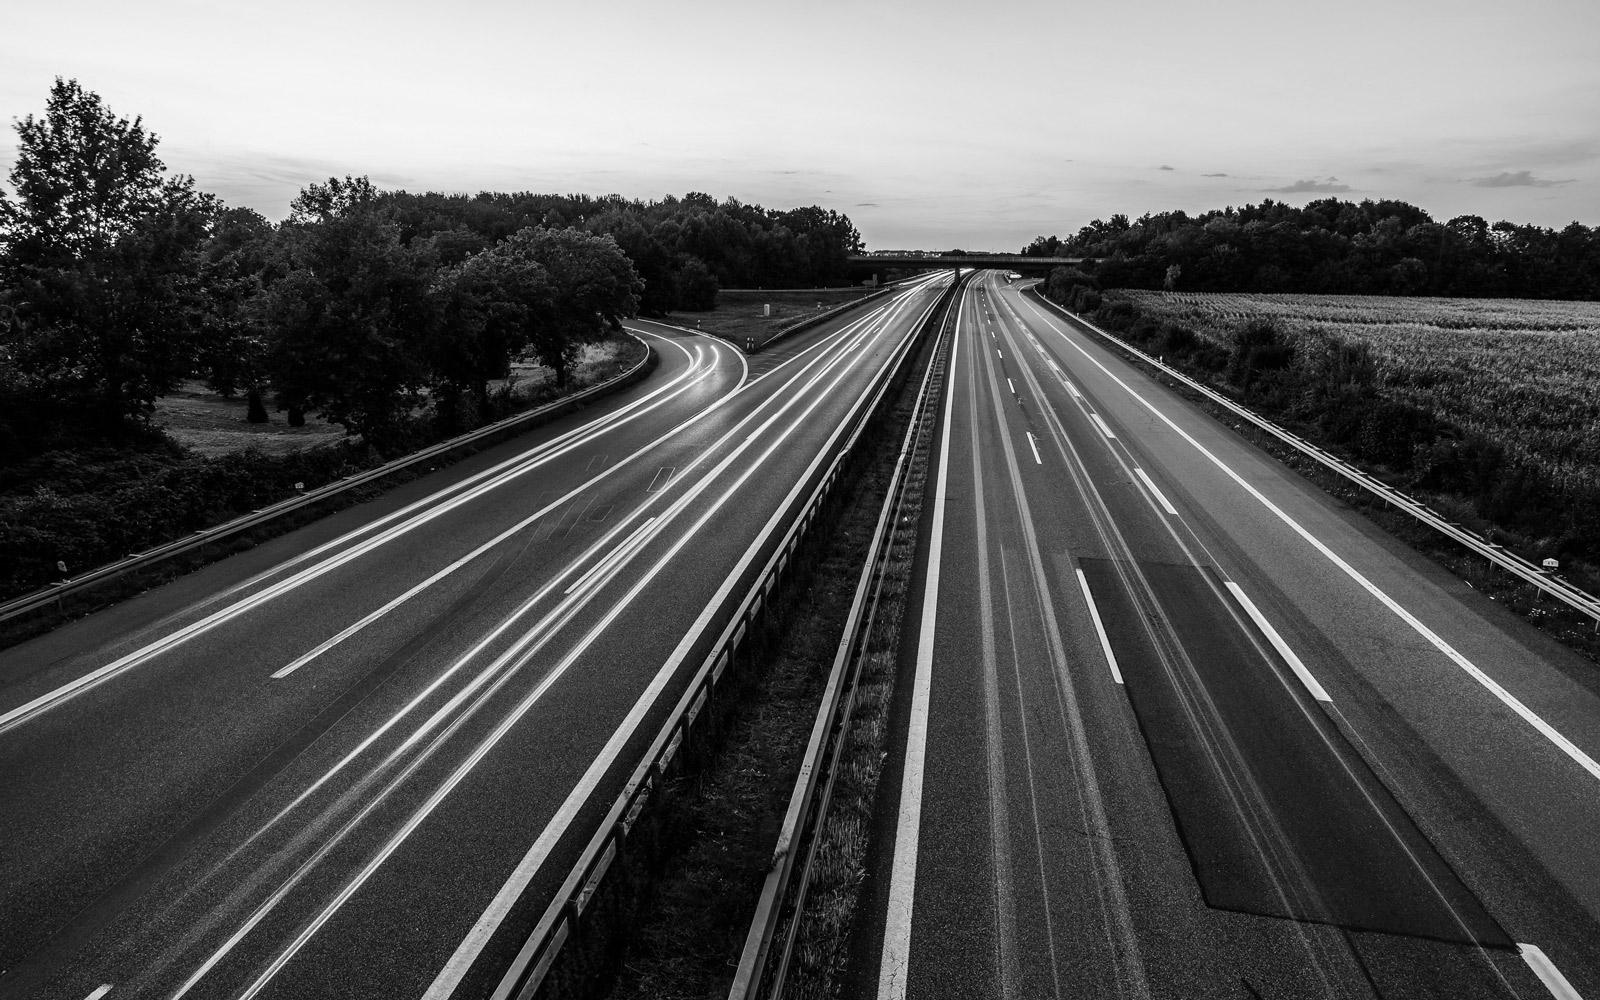 Straße ohne Autos - HEITZIG & HEITZIG berät Unternehmen, die auf emissionsfreie E-Mobilität umsteigen wollen